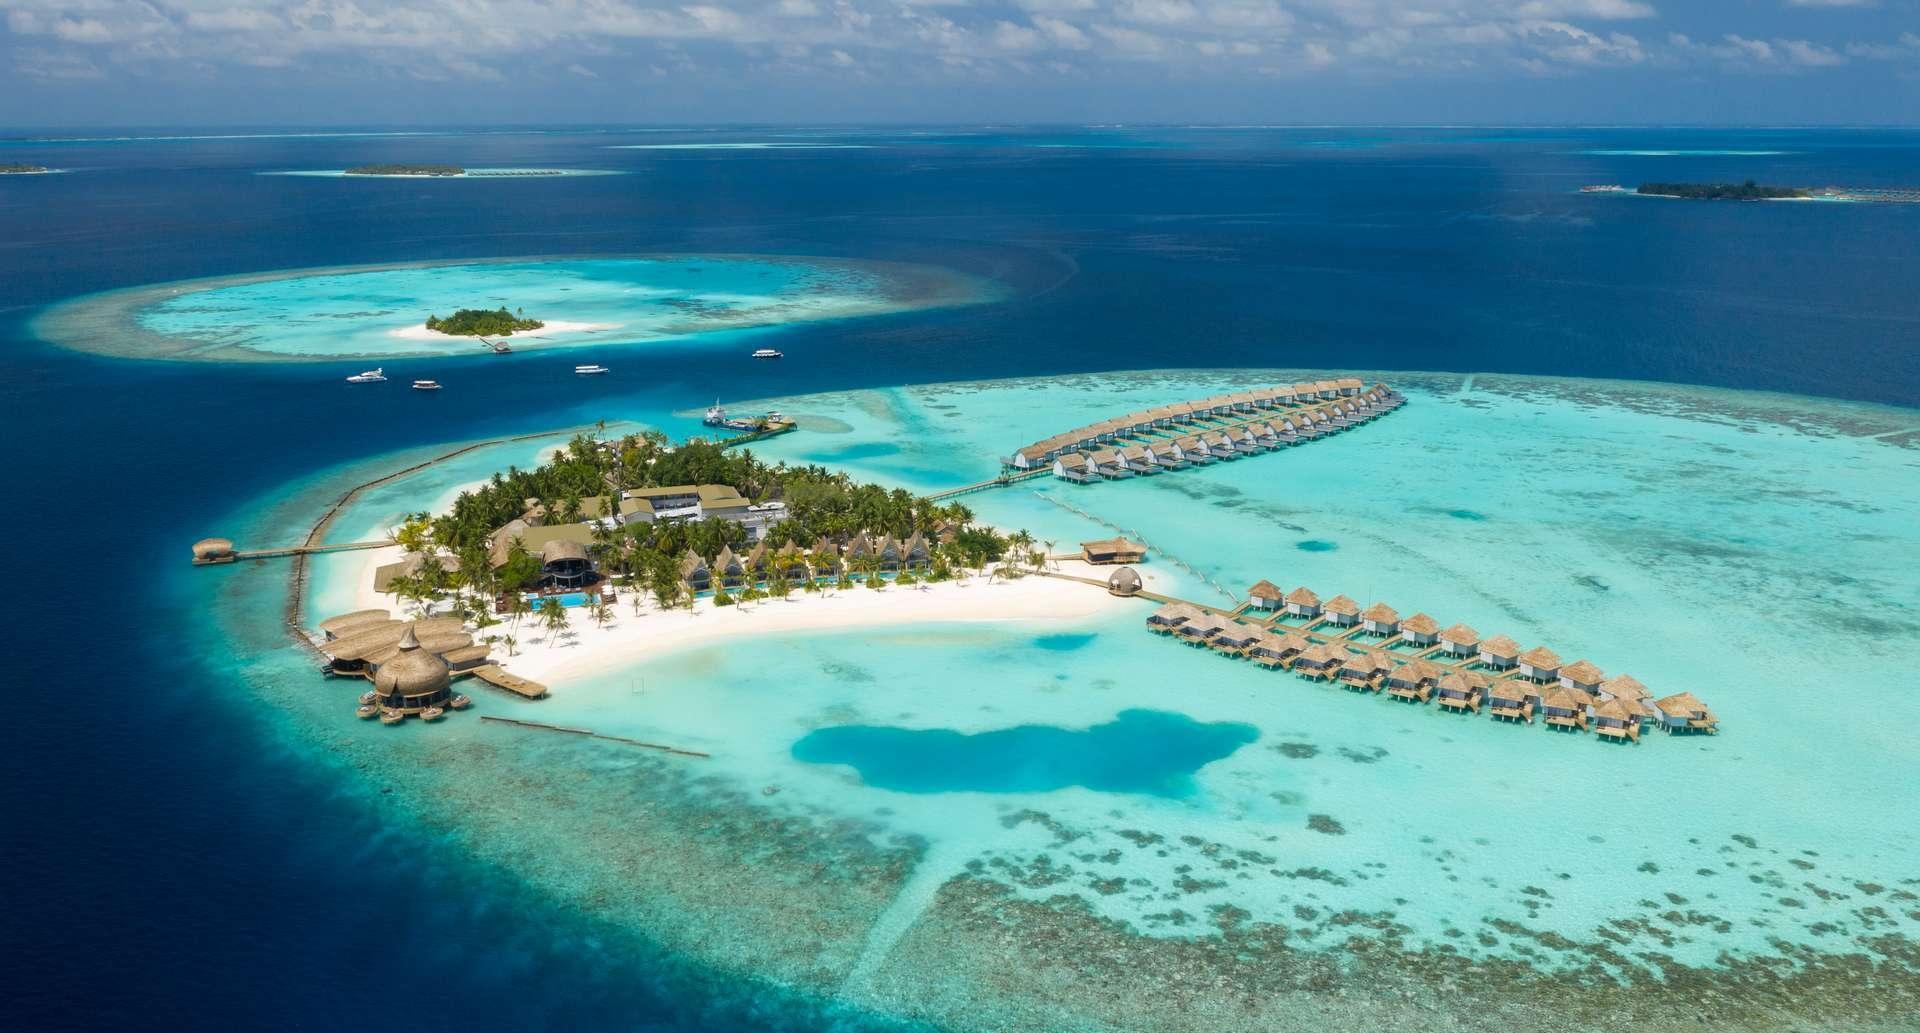 أجمل جزيرة في جزر المالديف وأكثرها سحراً